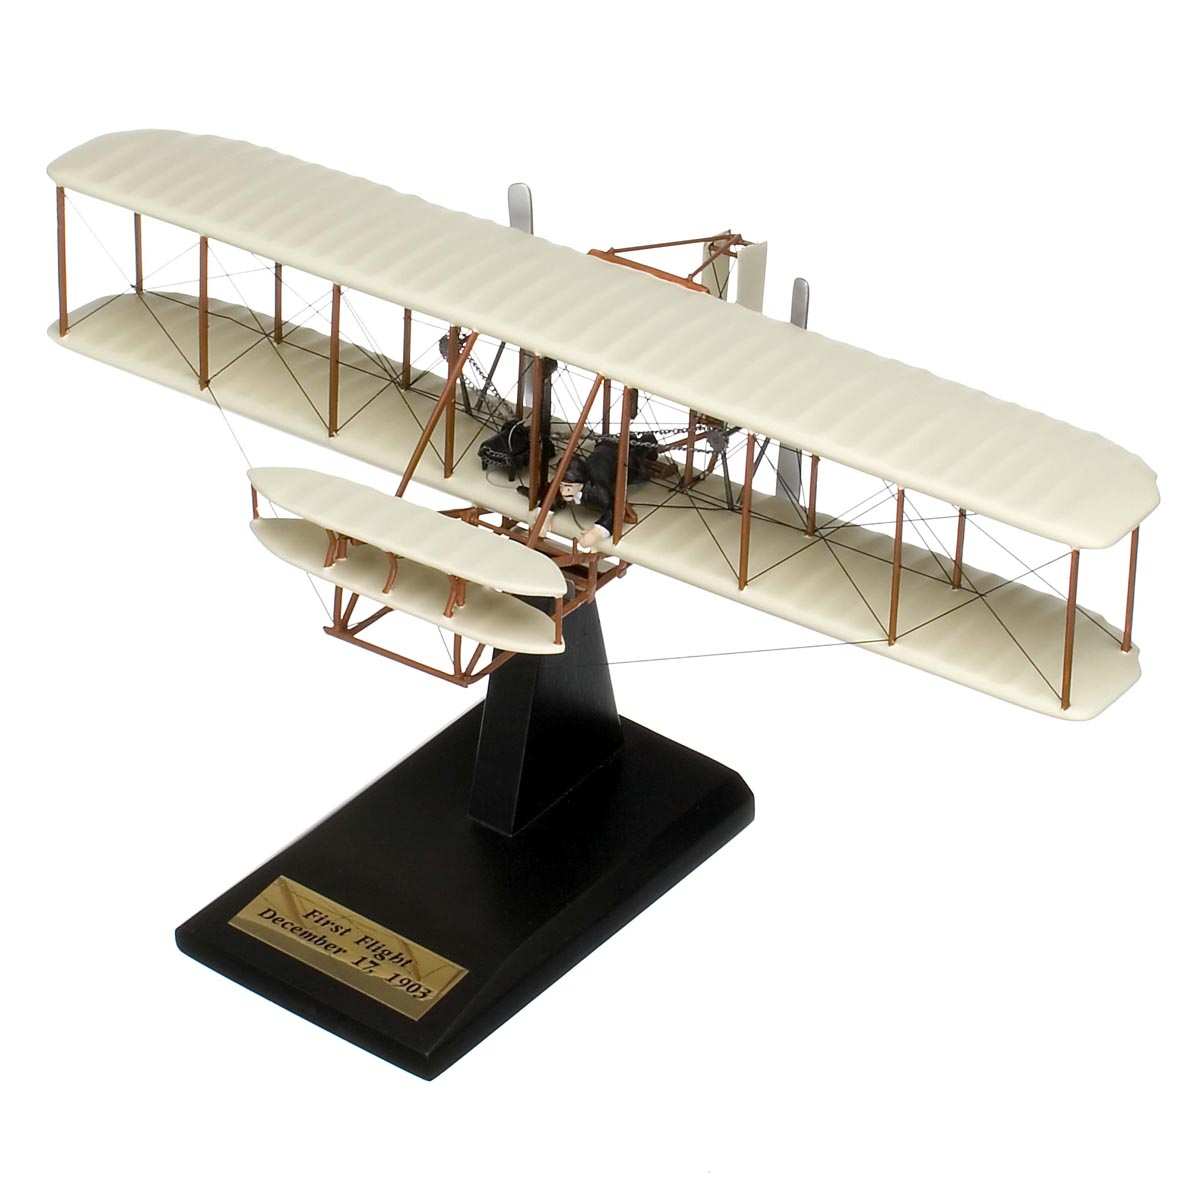 Wright Flyer Kitty Hawk Model